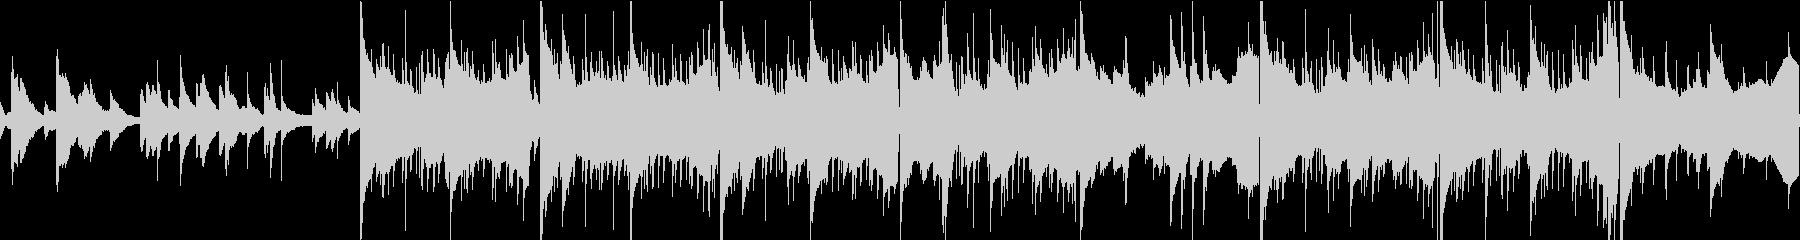 カフェ・日常 ジャジーなループ可チルSの未再生の波形